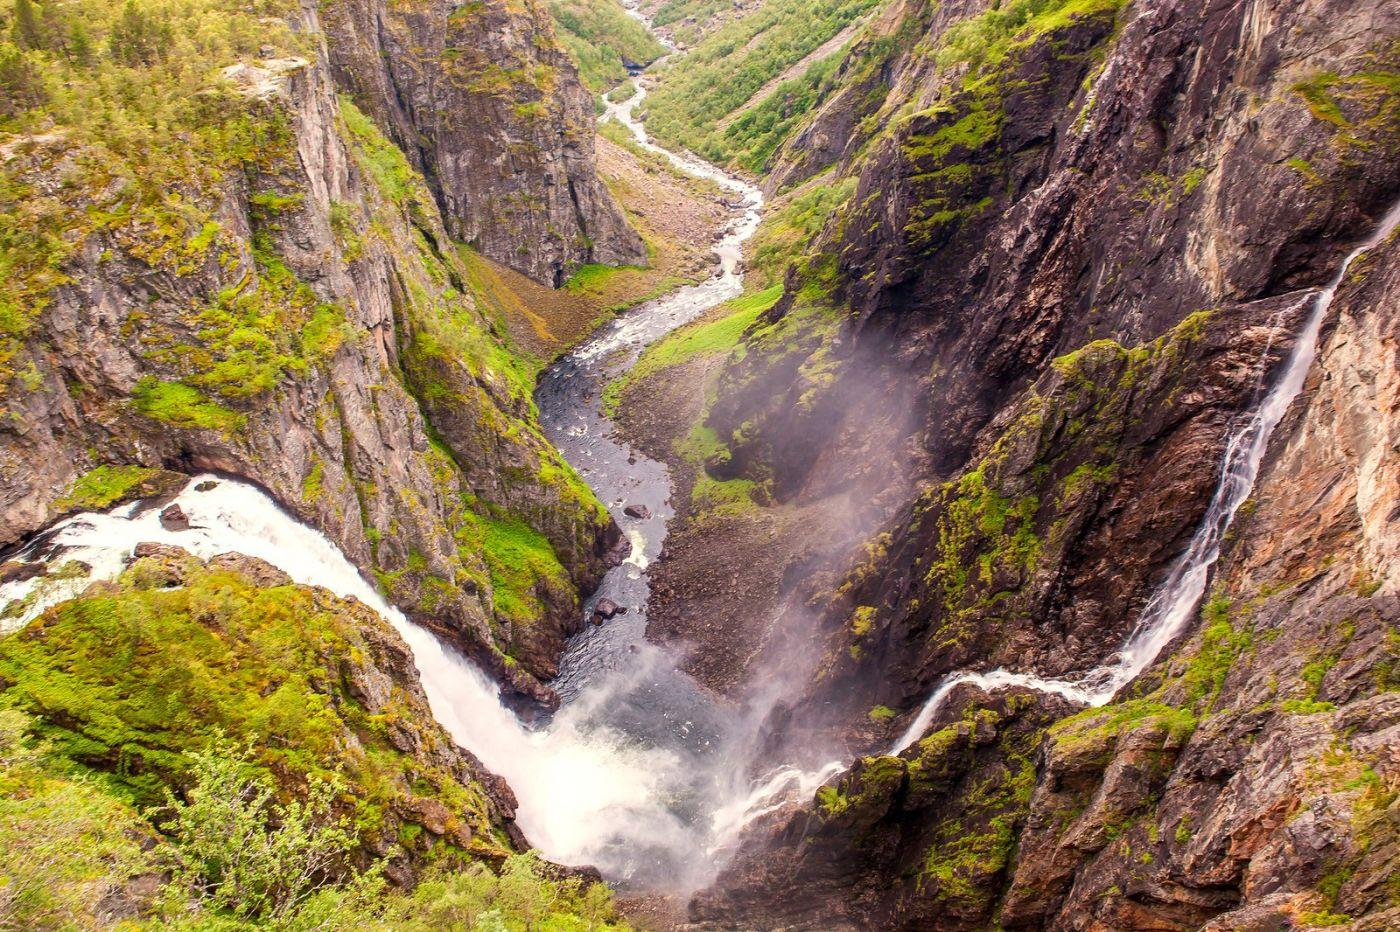 北欧风光,高山瀑布一泻千里_图1-1